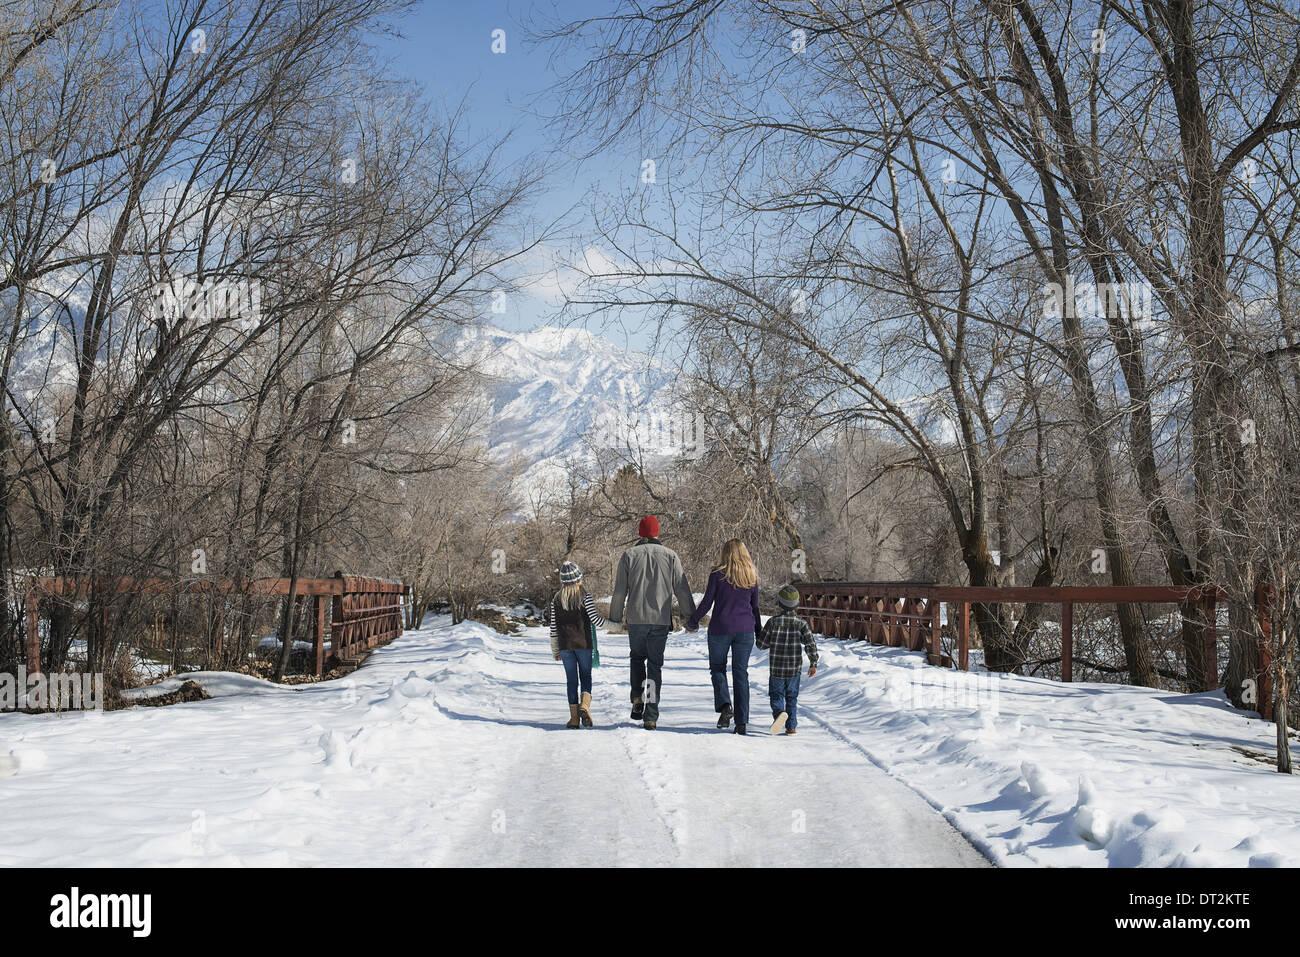 Paisaje invernal con nieve en el suelo una familia adultos y dos niños caminando por una carretera vacía Imagen De Stock